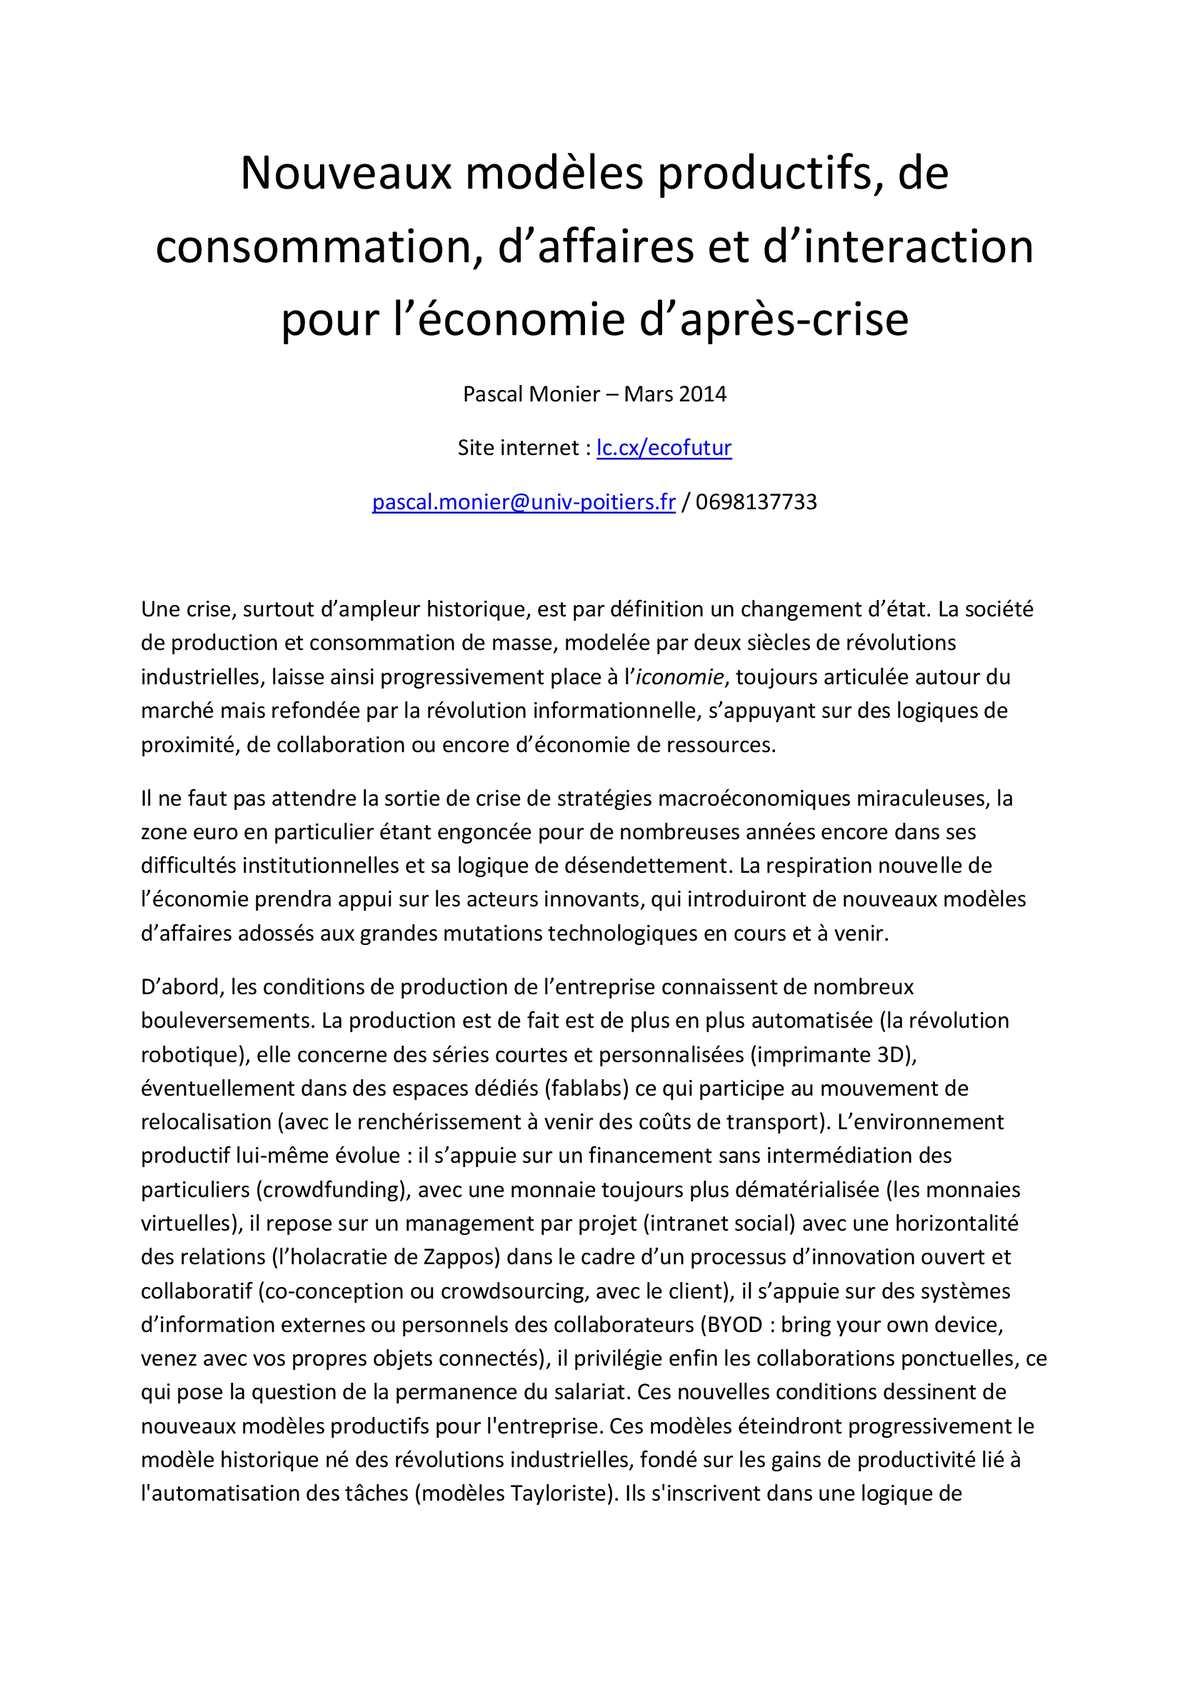 Calameo Nouvelle Economie Texte De Presentation